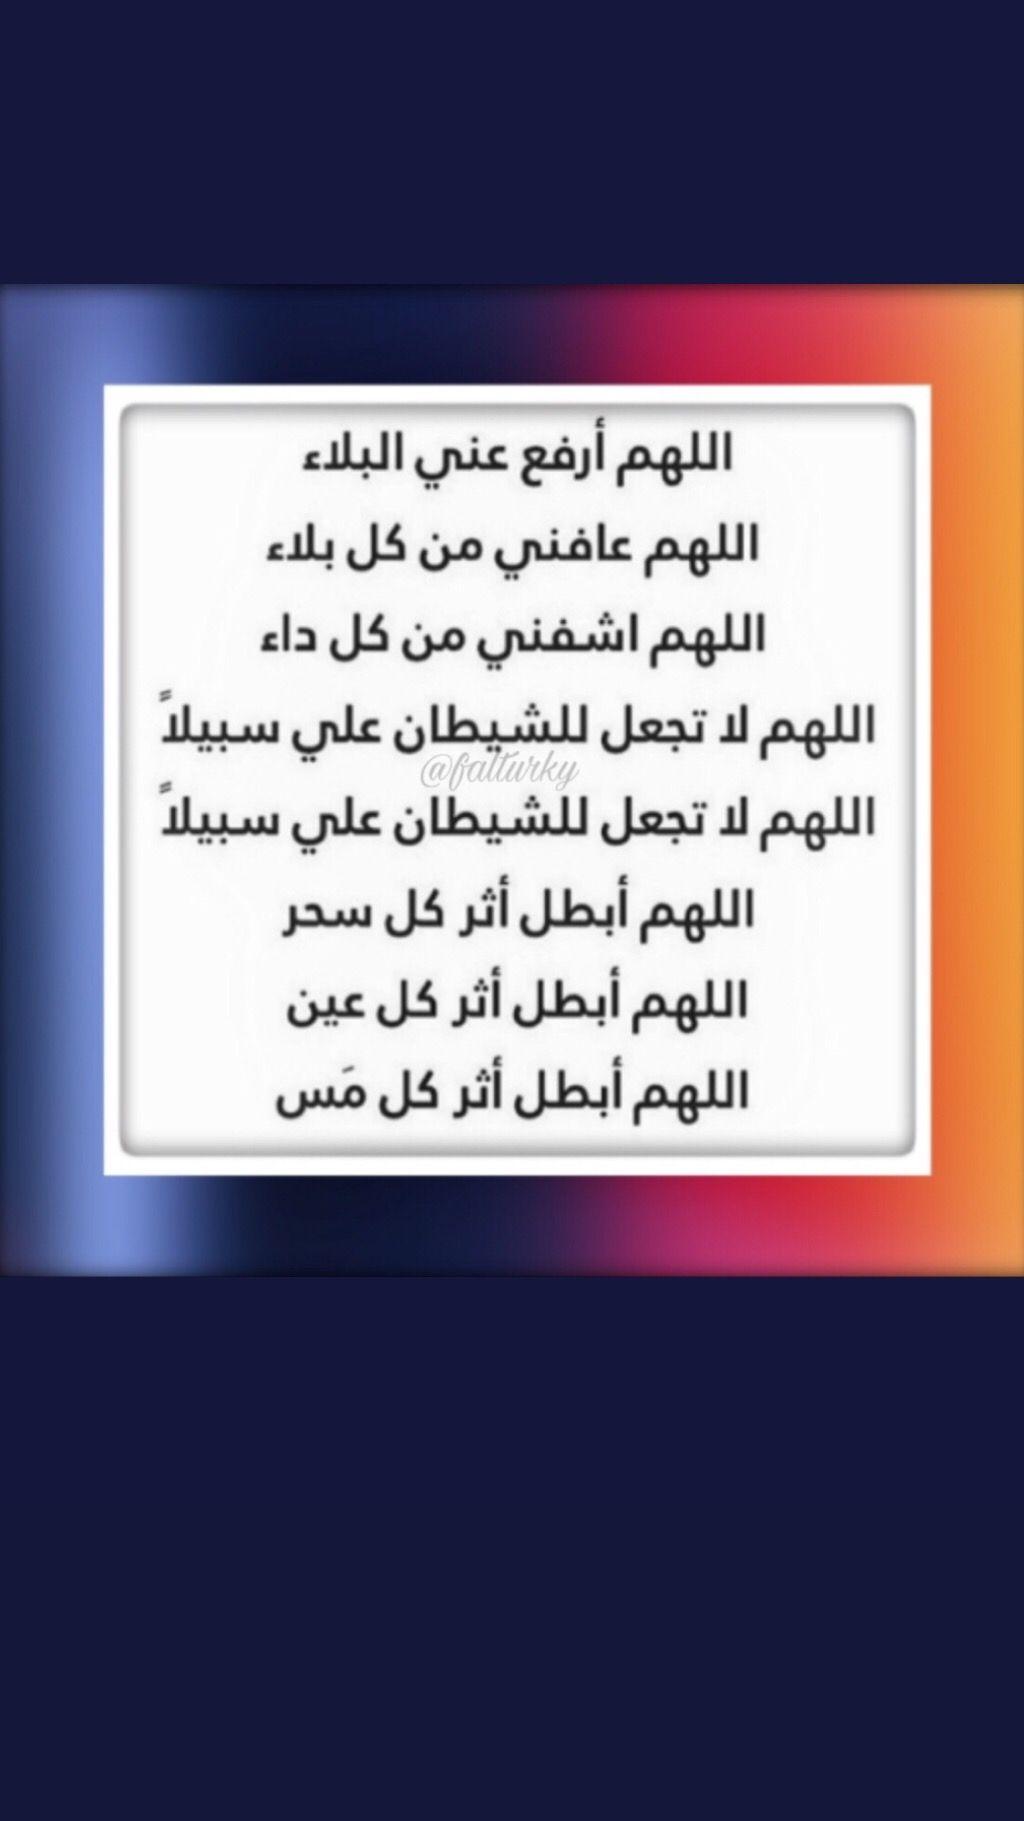 Pin By Abdullatif Alia On Doaa Pll Cla